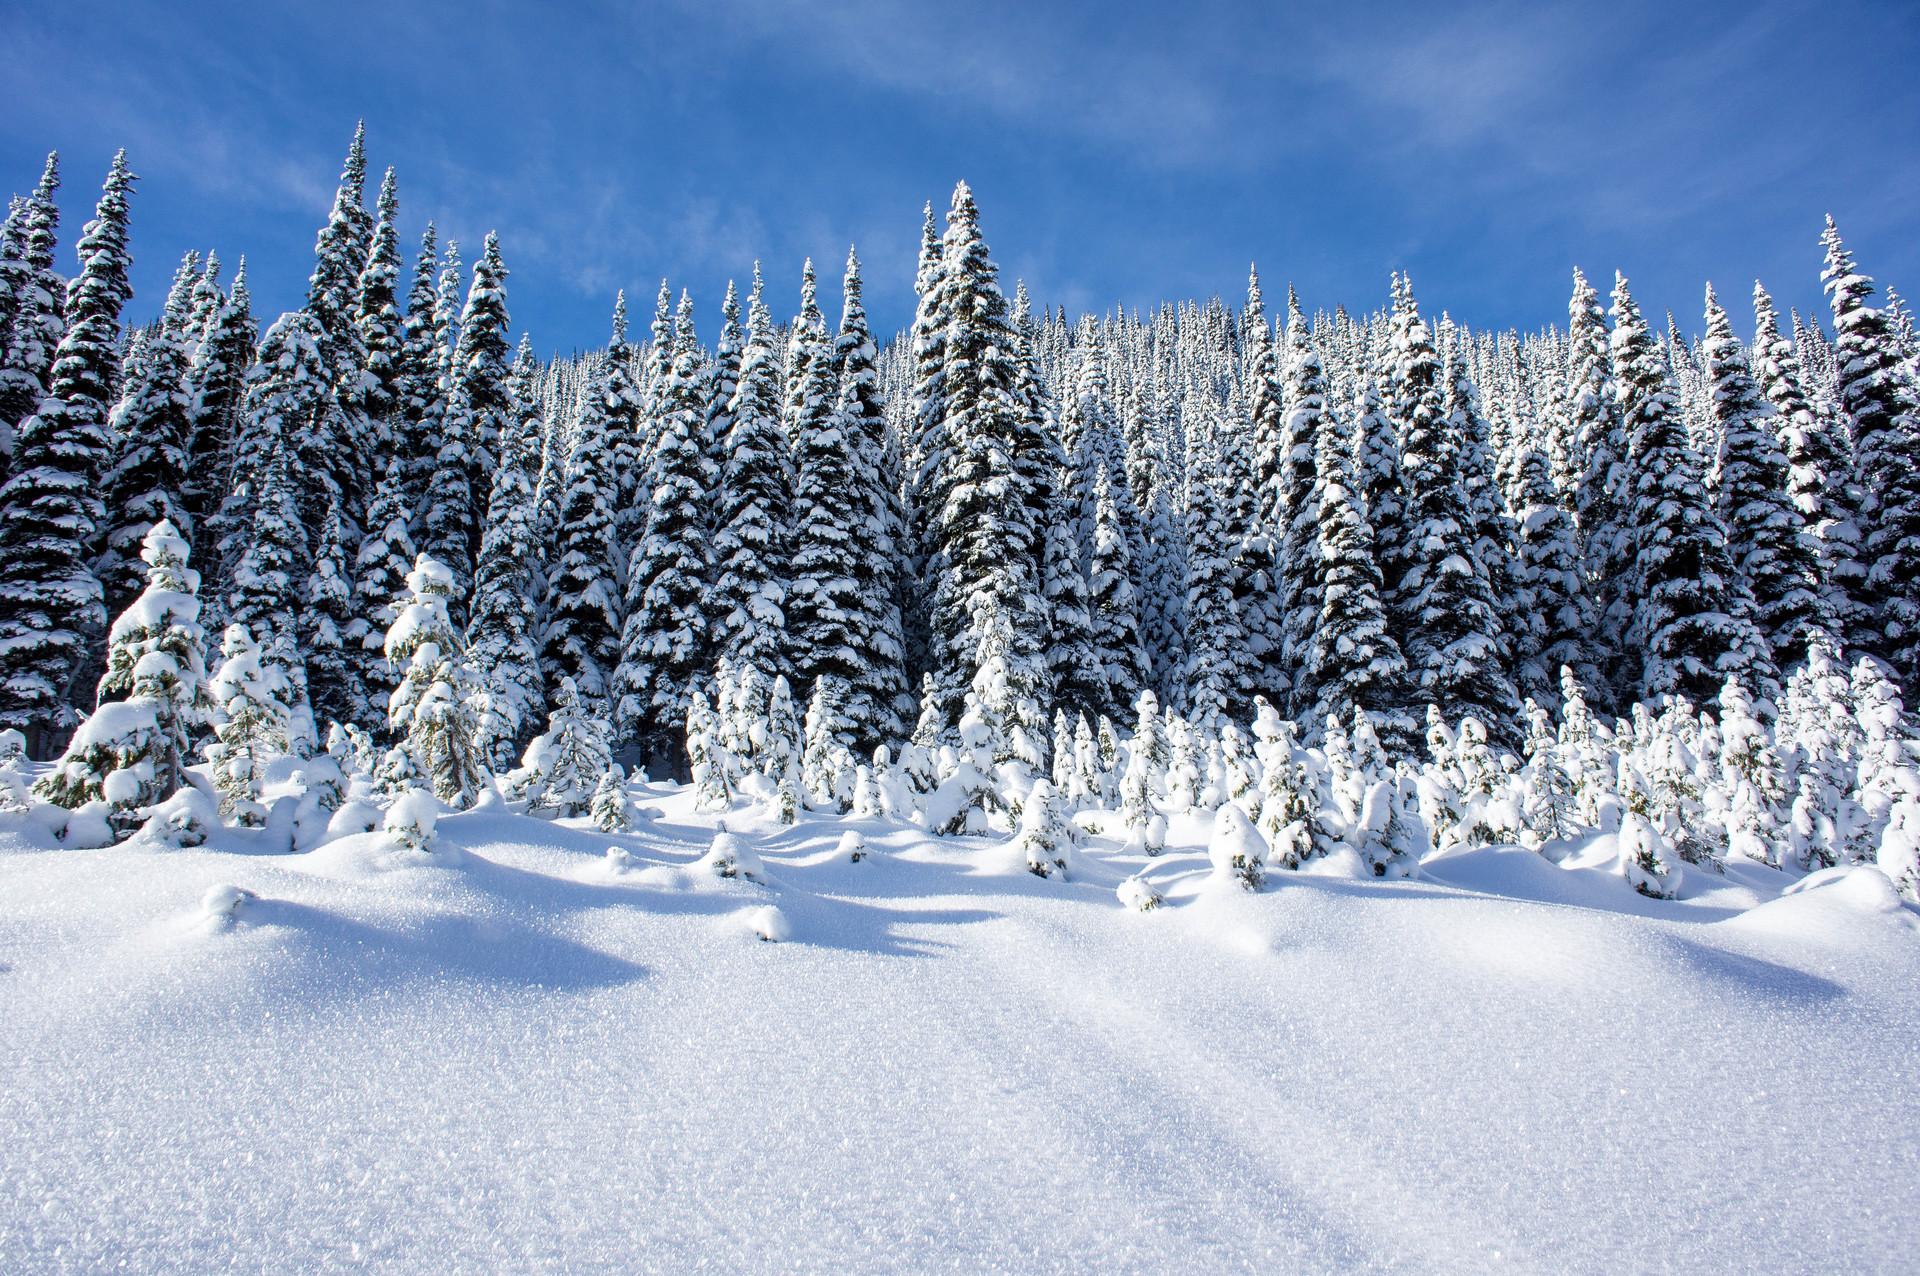 природа снег ели лес зима бесплатно